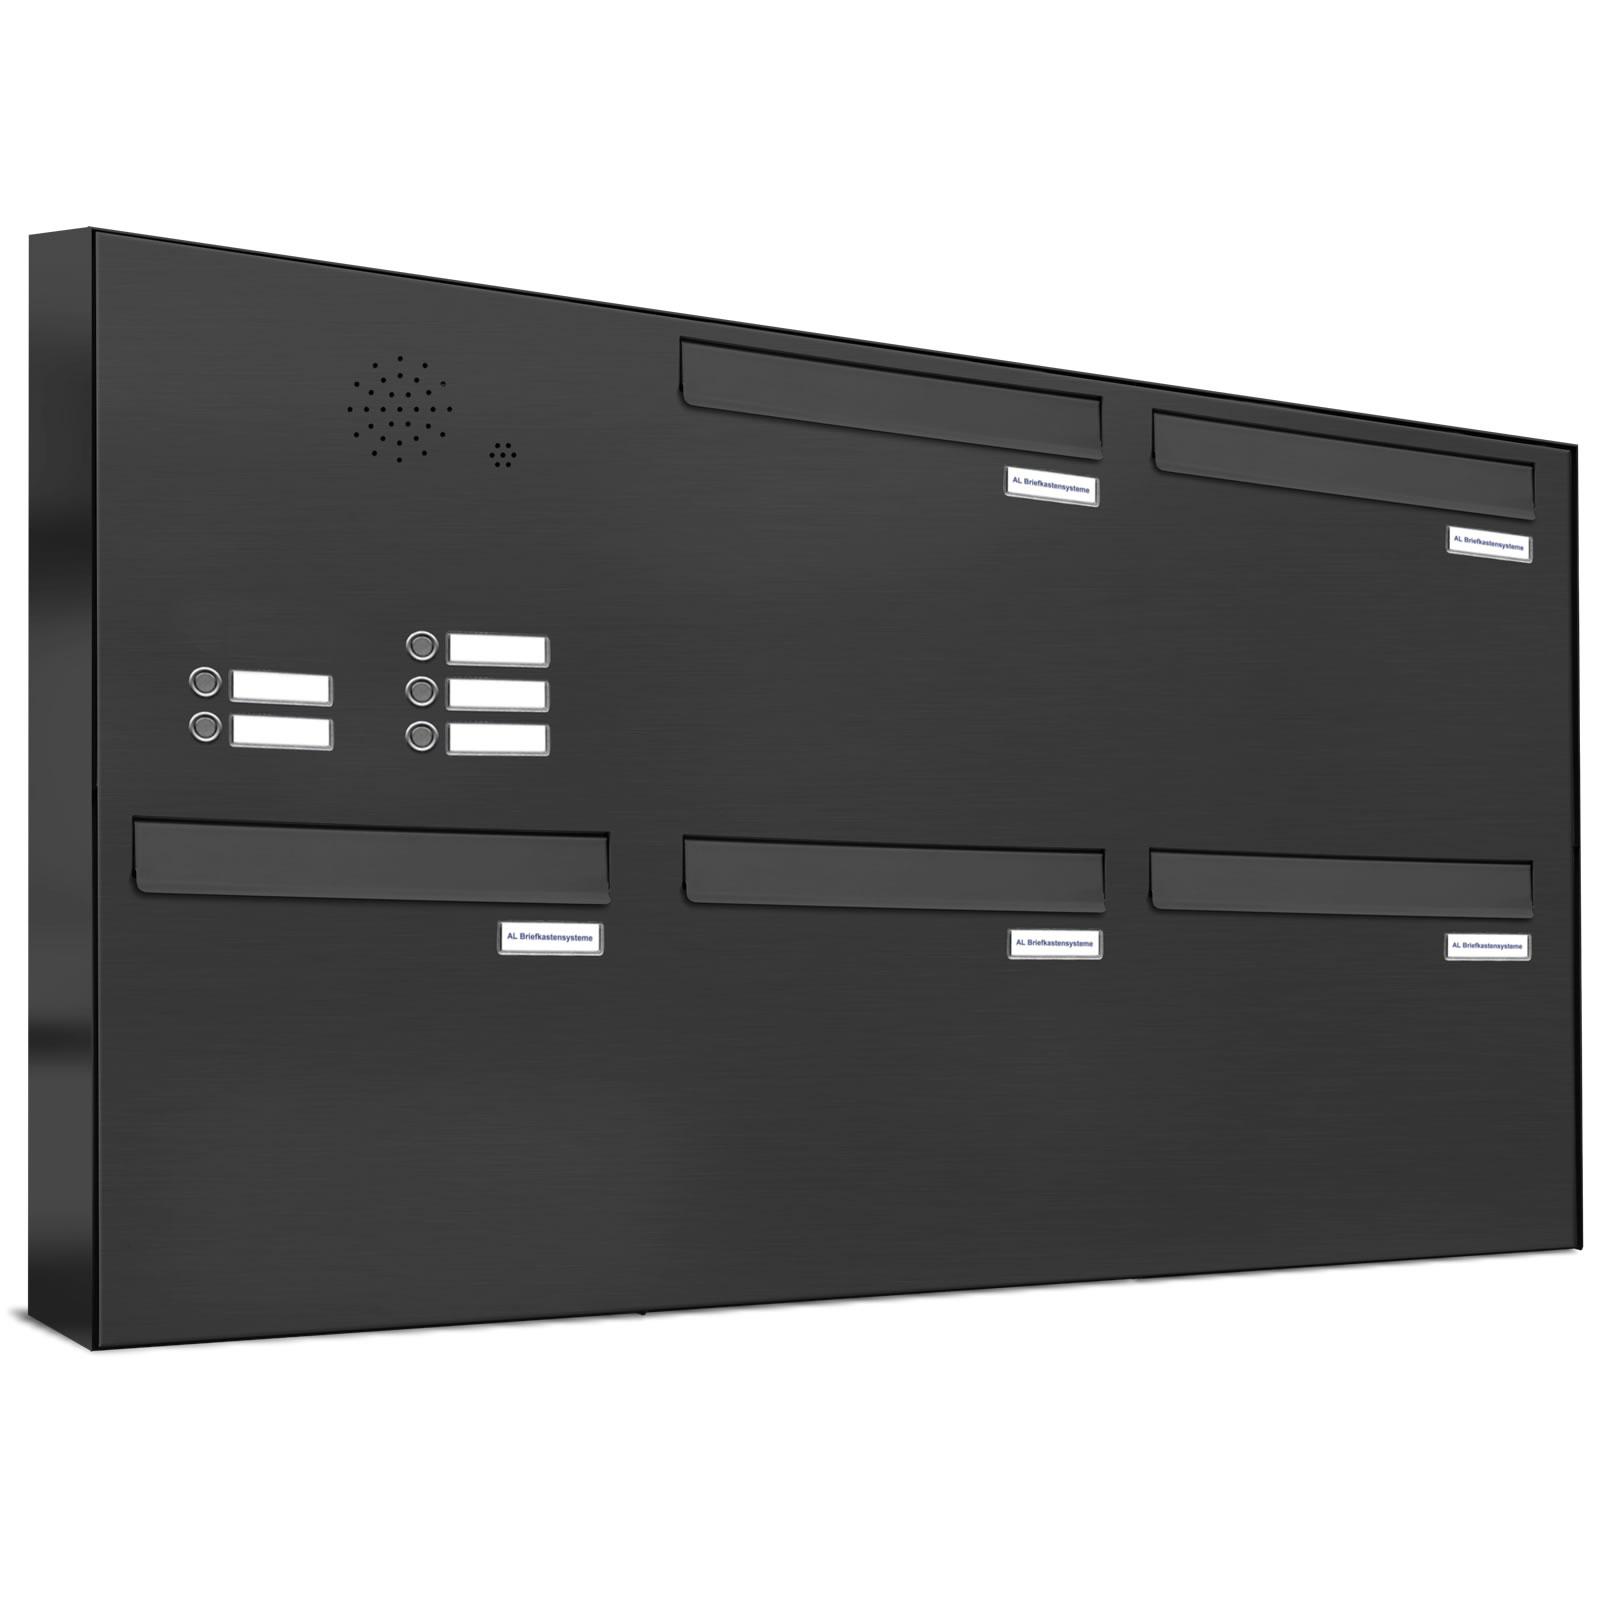 5er briefkastenanlage f r t r zaundurchwurf klingel ral. Black Bedroom Furniture Sets. Home Design Ideas